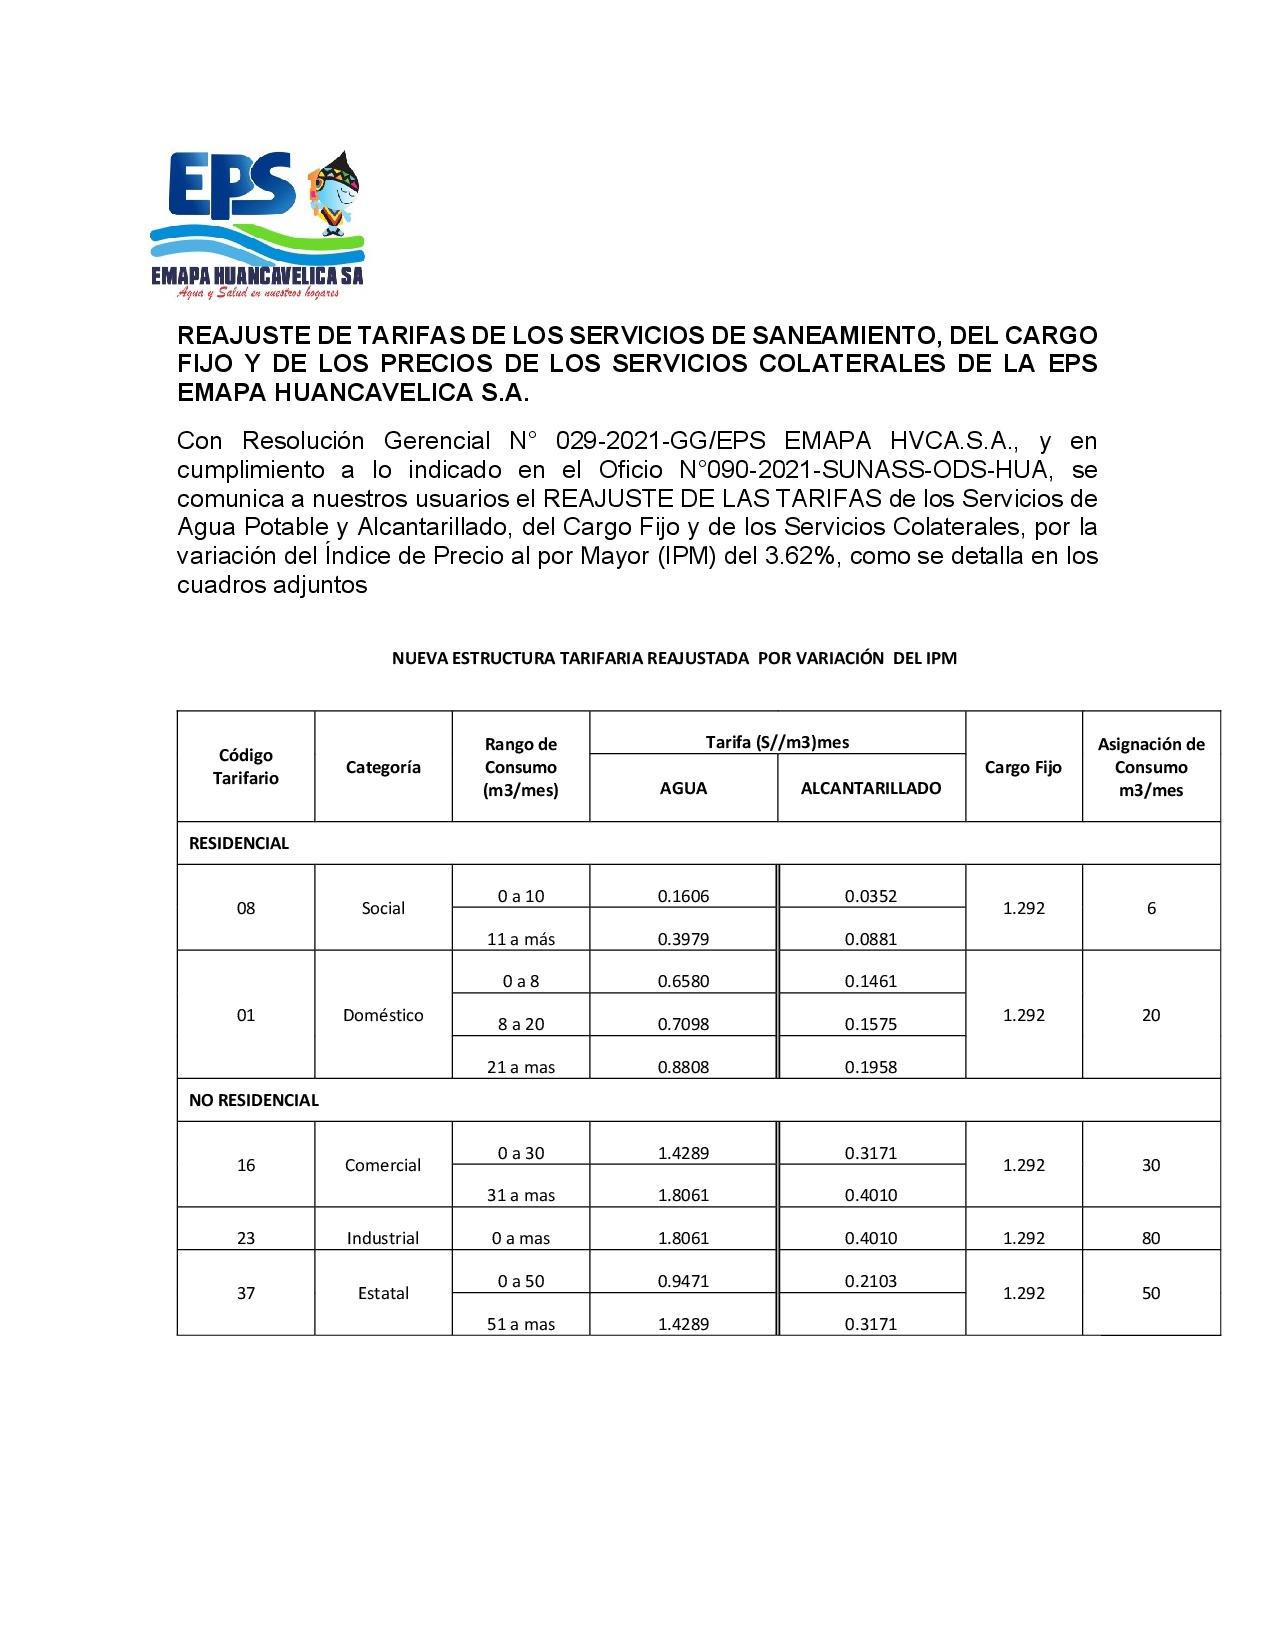 REAJUSTE DE TARIFAS DE LOS SERVICIOS DE SANEAMIENTO